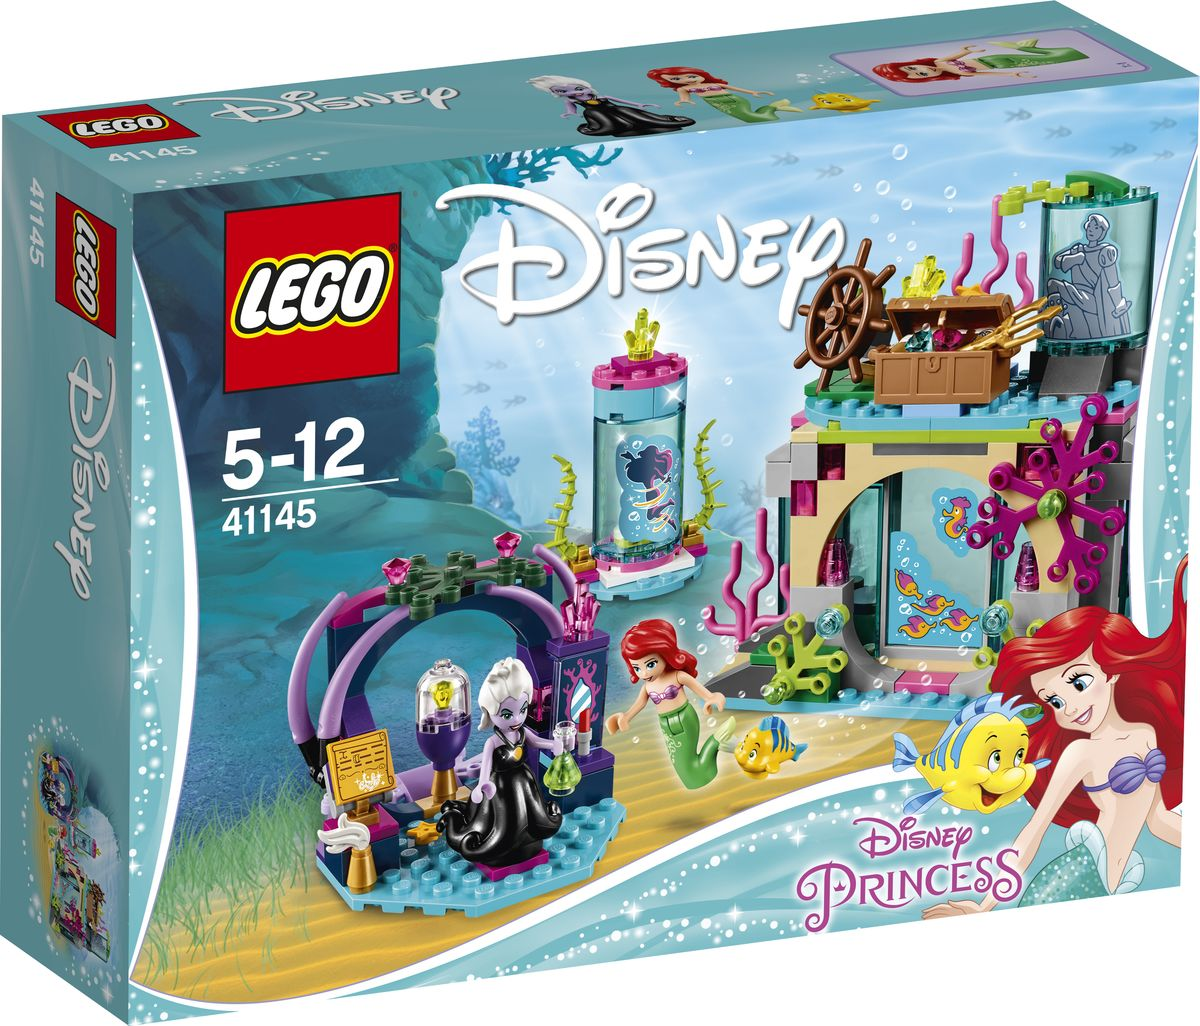 LEGO Disney Princess Конструктор Ариэль и магическое заклятье 41145 lego lego disney princesses 41145 лего принцессы ариэль и магическое заклятье